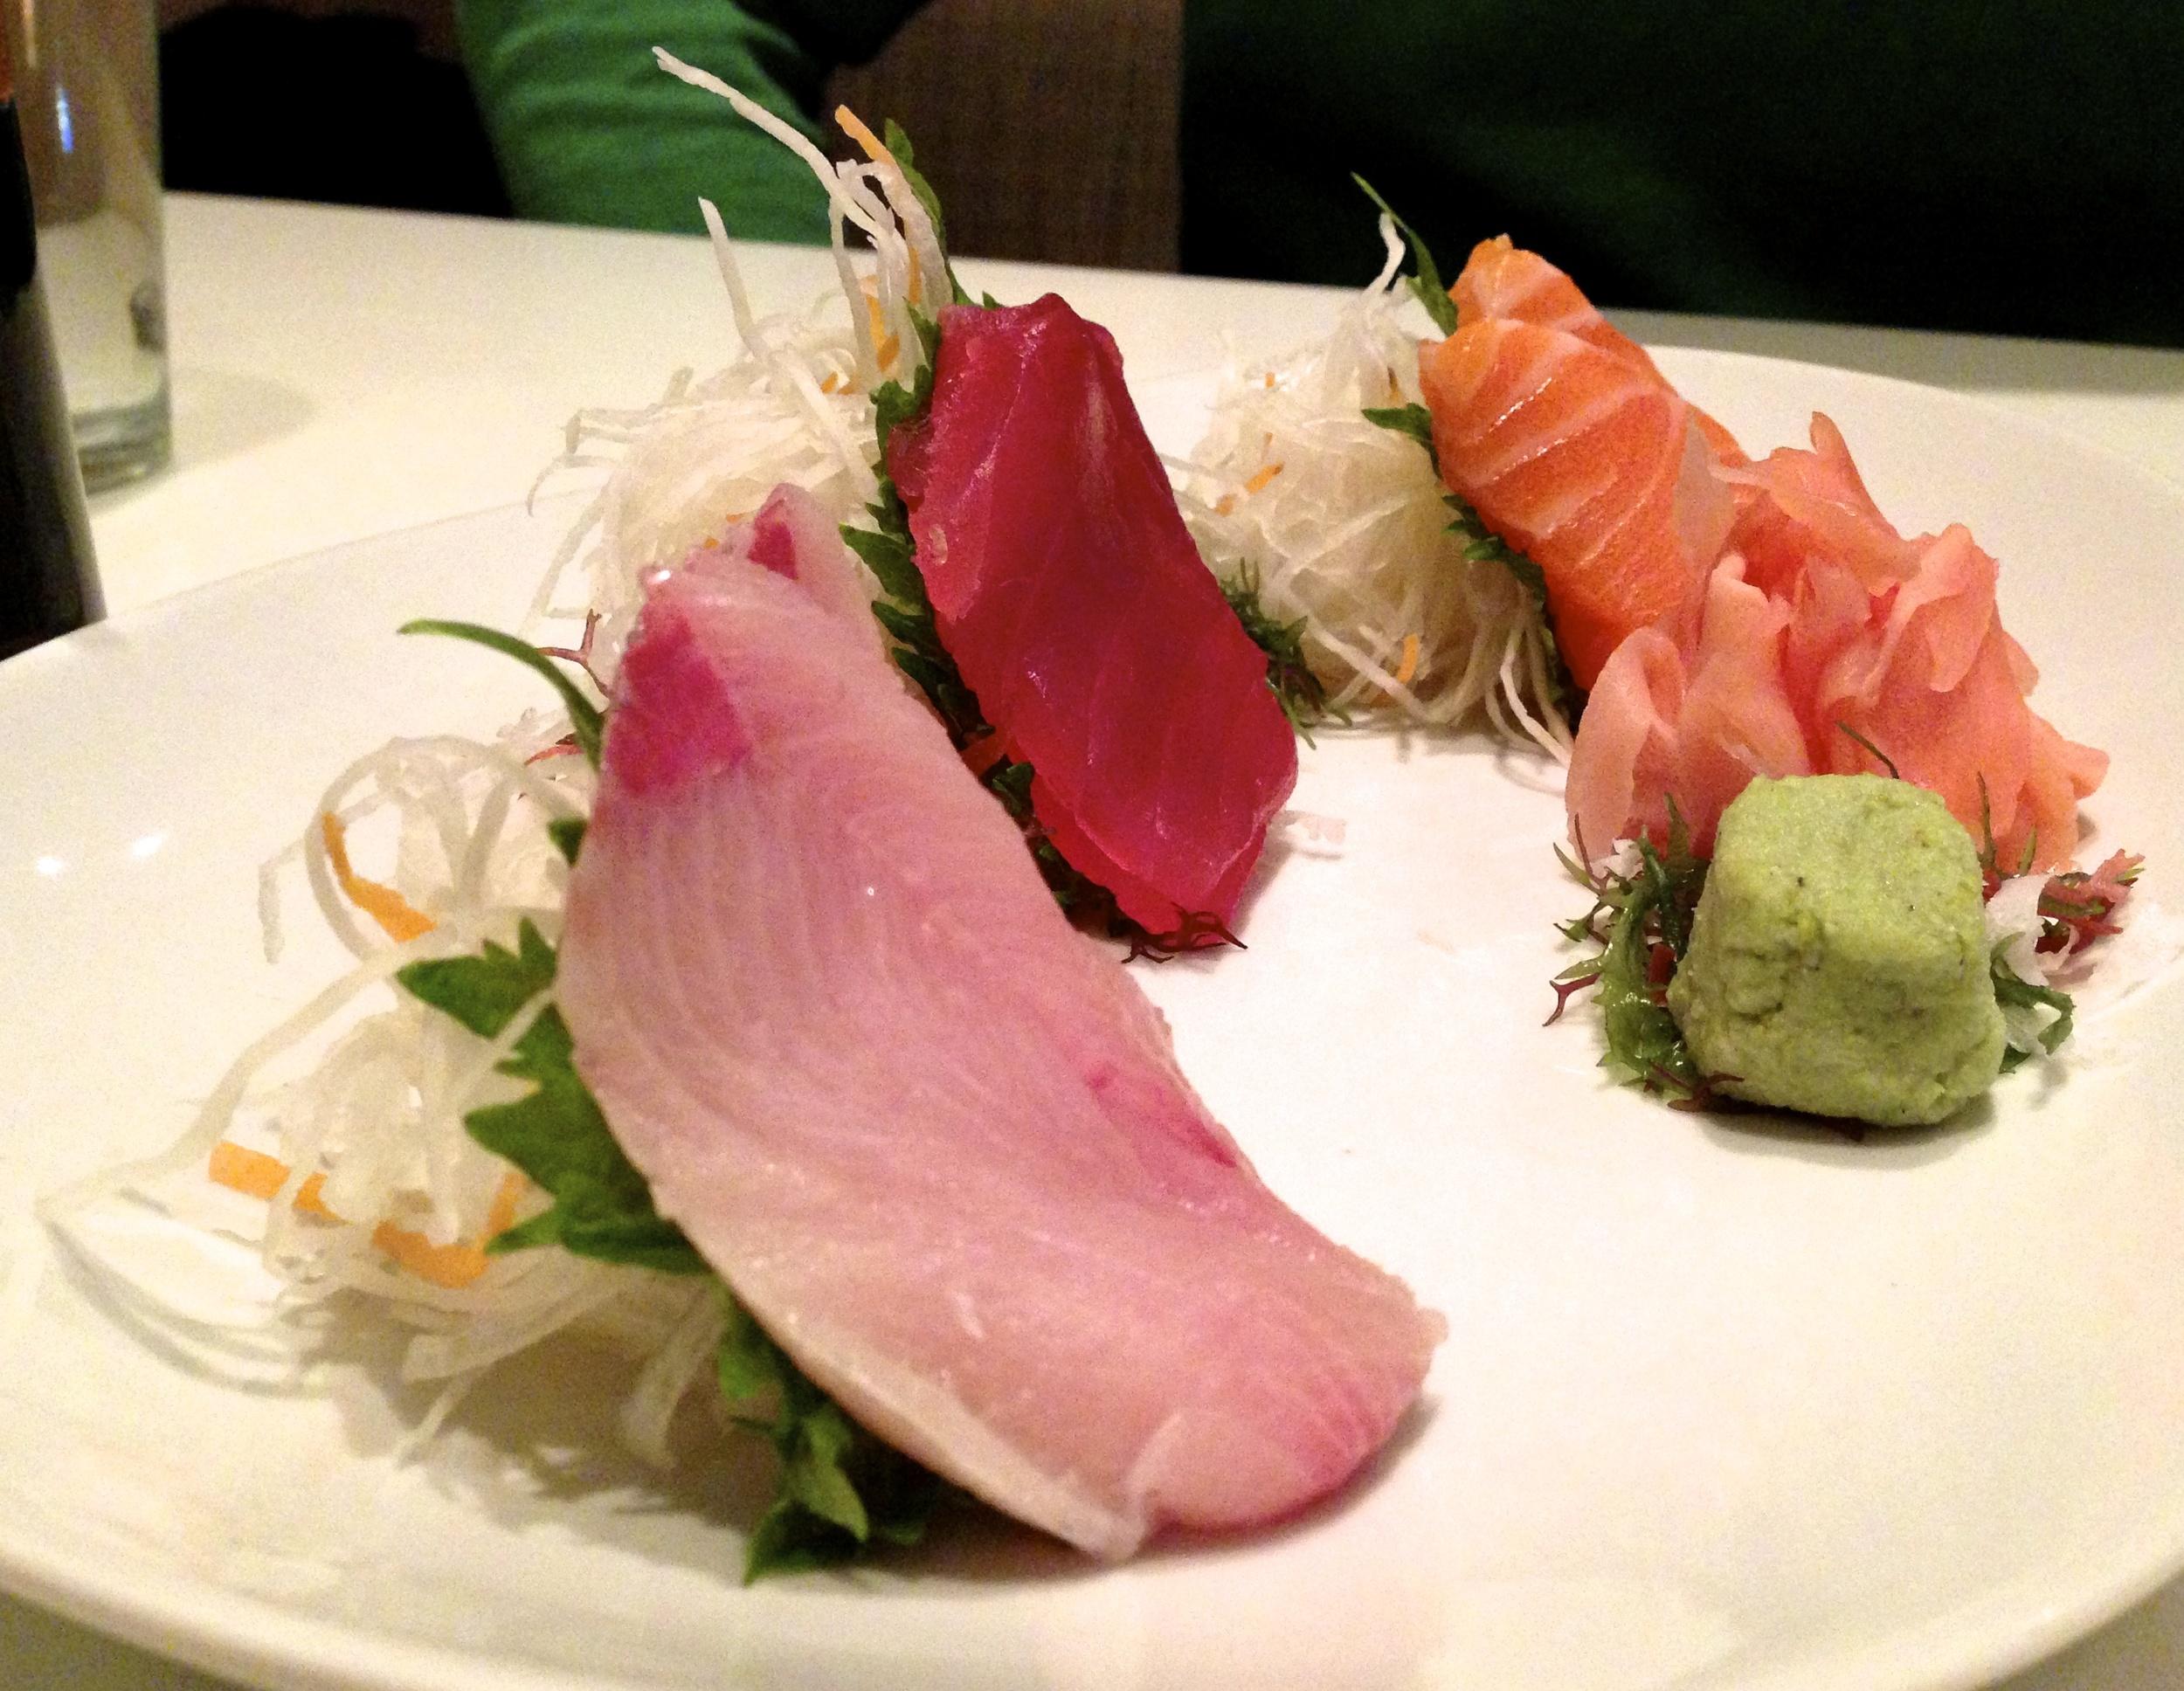 Figure 4. Sashimi plate